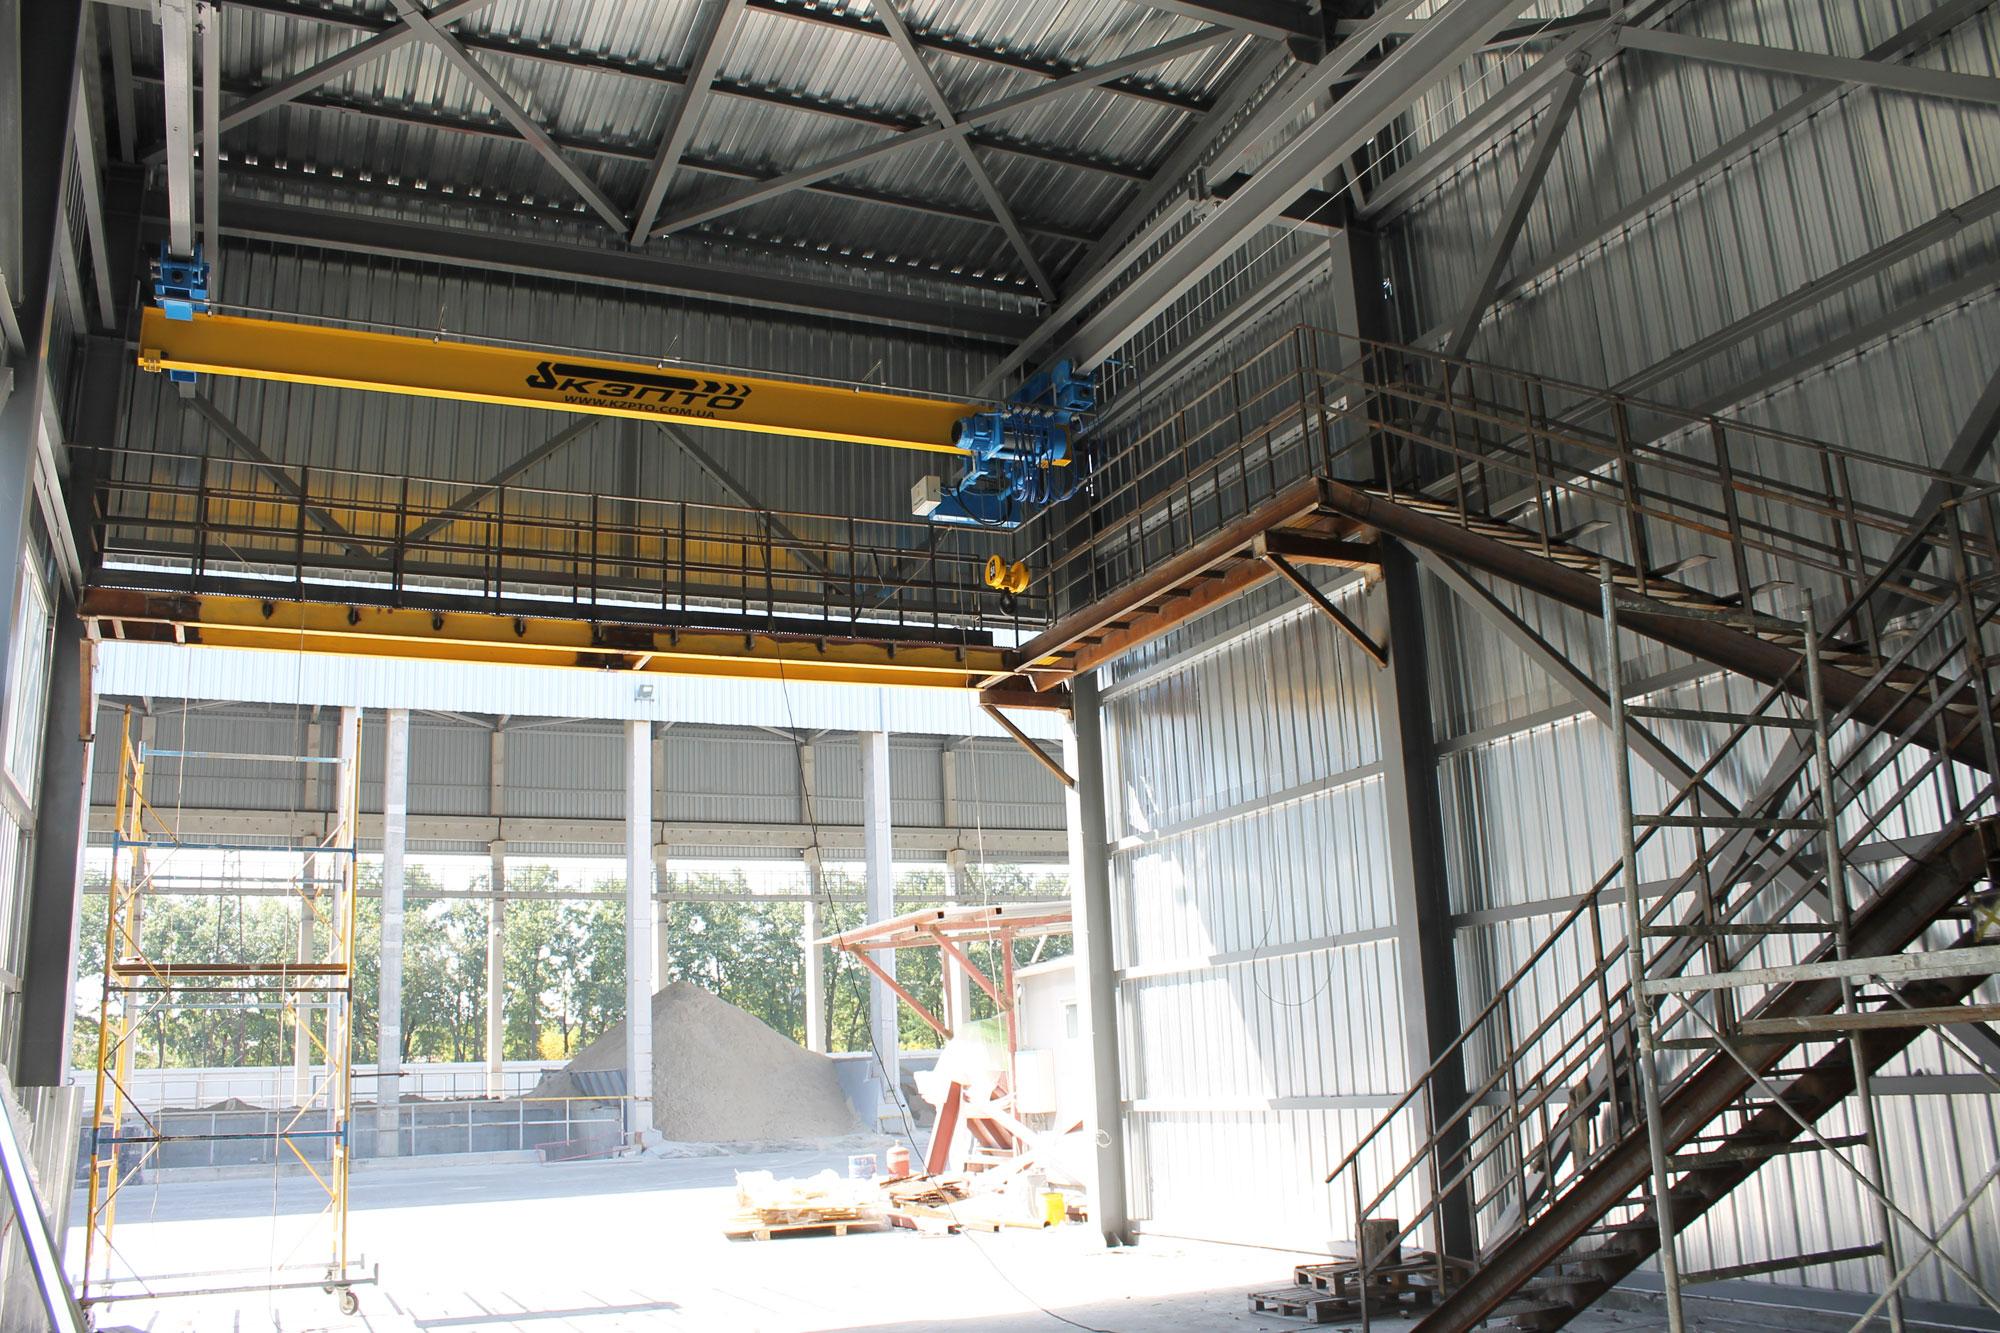 3-Кран подвесной однобалочный г-п 5,0 уменьшенной строительной высоты